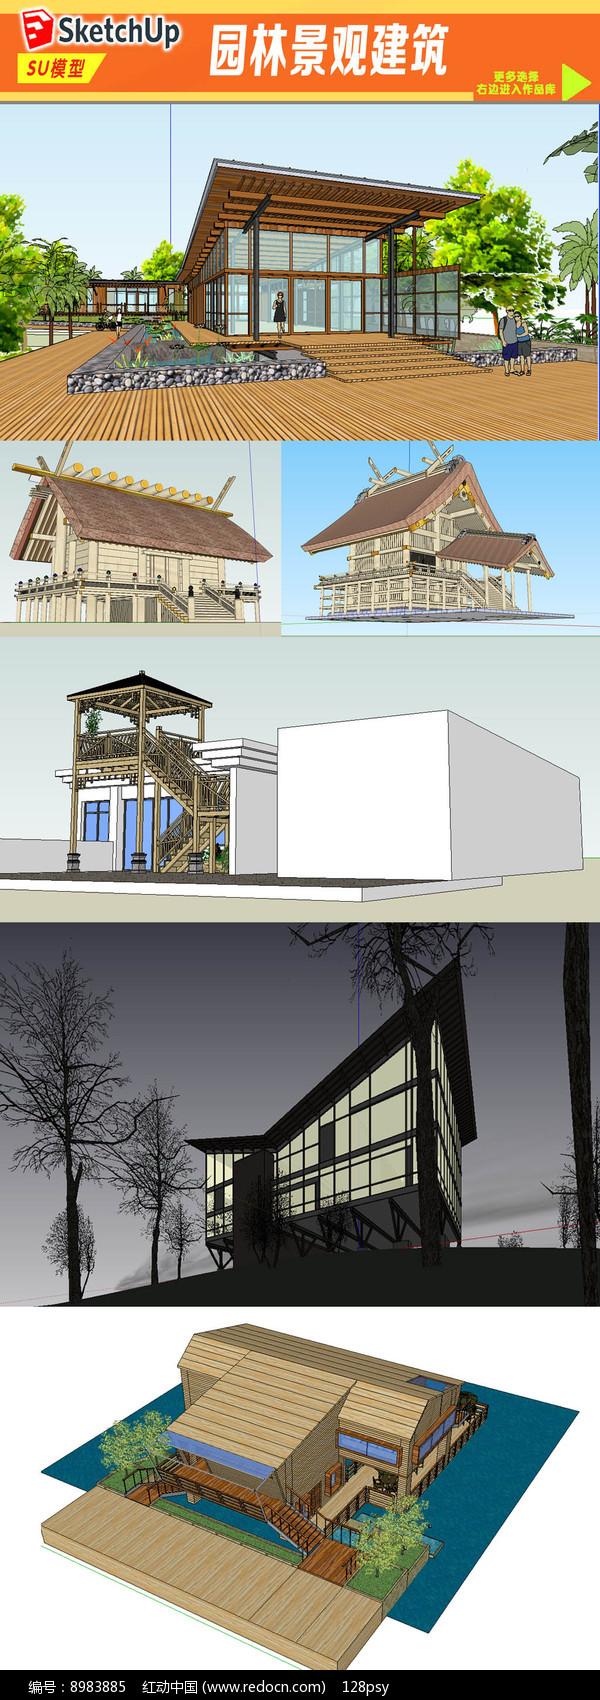 木屋建筑景观SU模型 图片